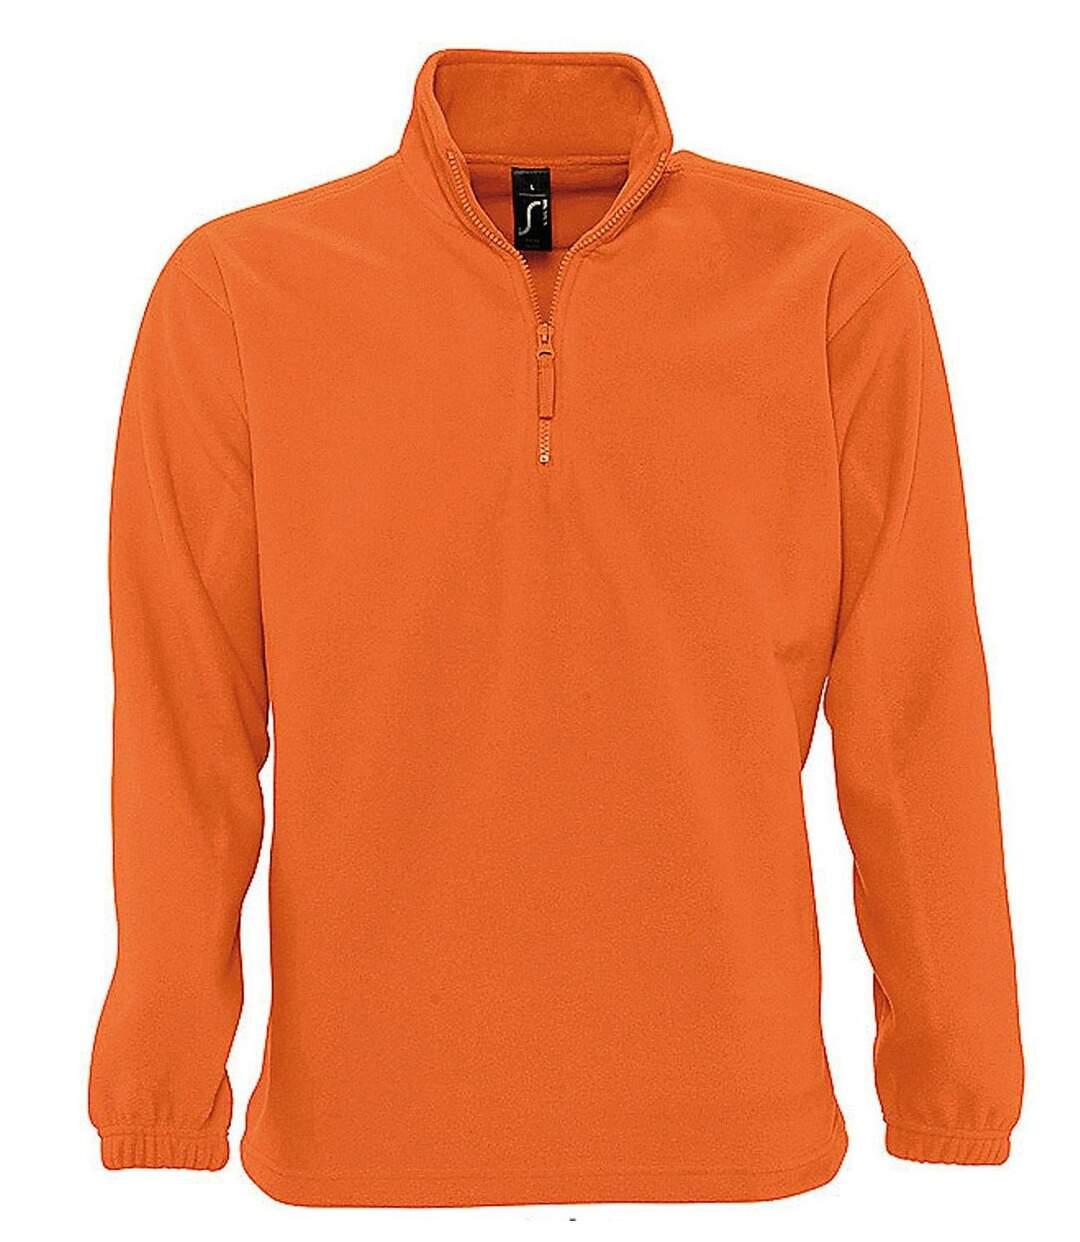 Sweat shirt polaire col zippé - 56000 - orange